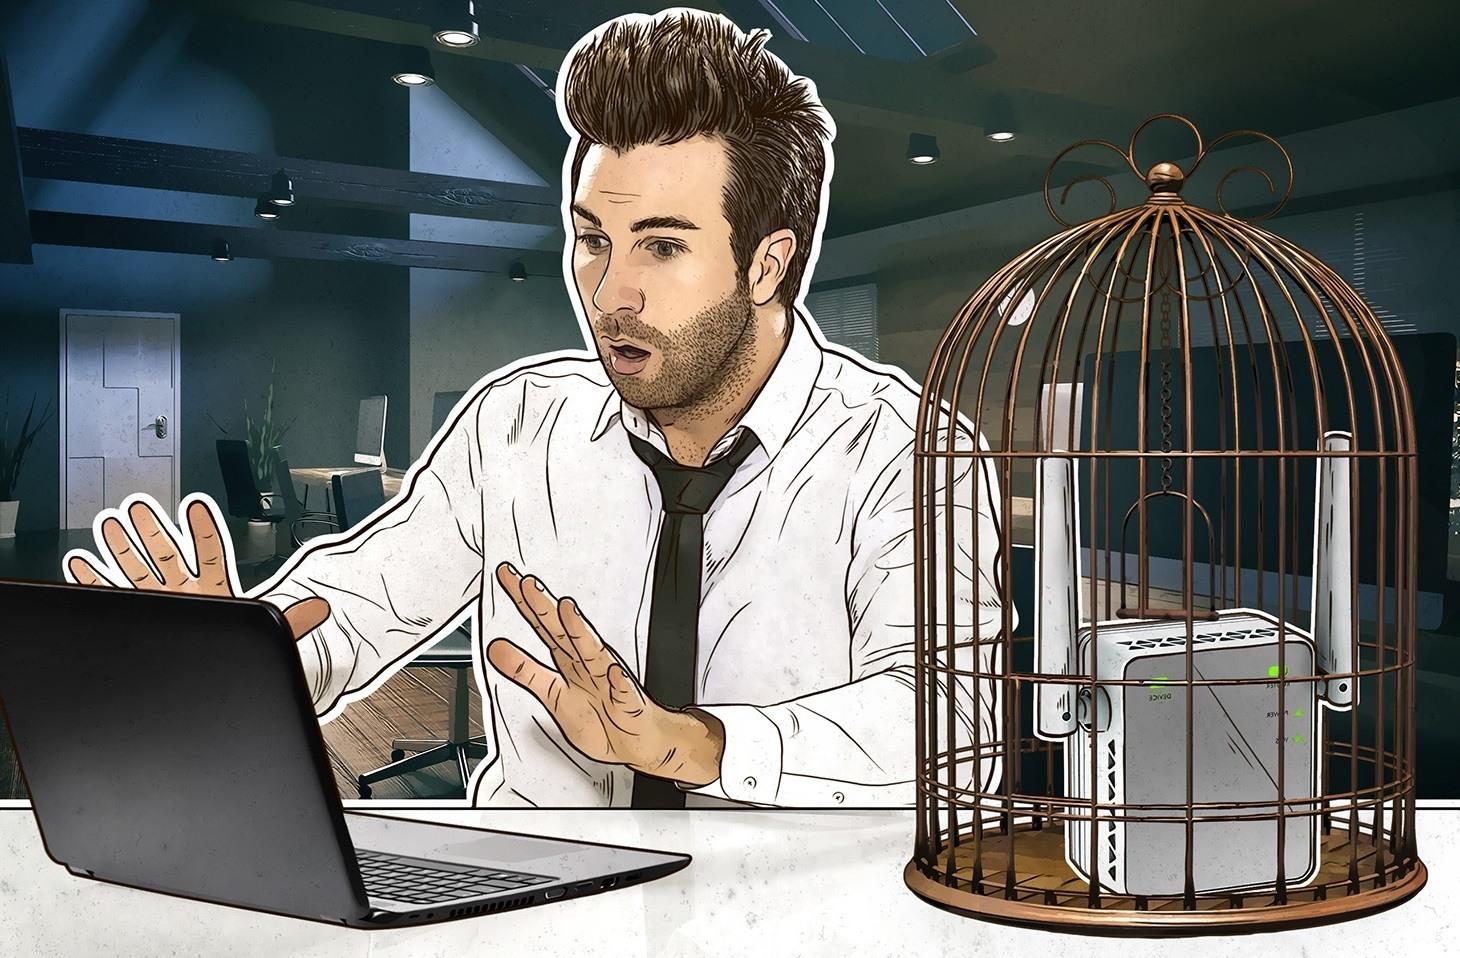 беспроводная сеть может стать слабым местом вашей IT-инфраструктуры.